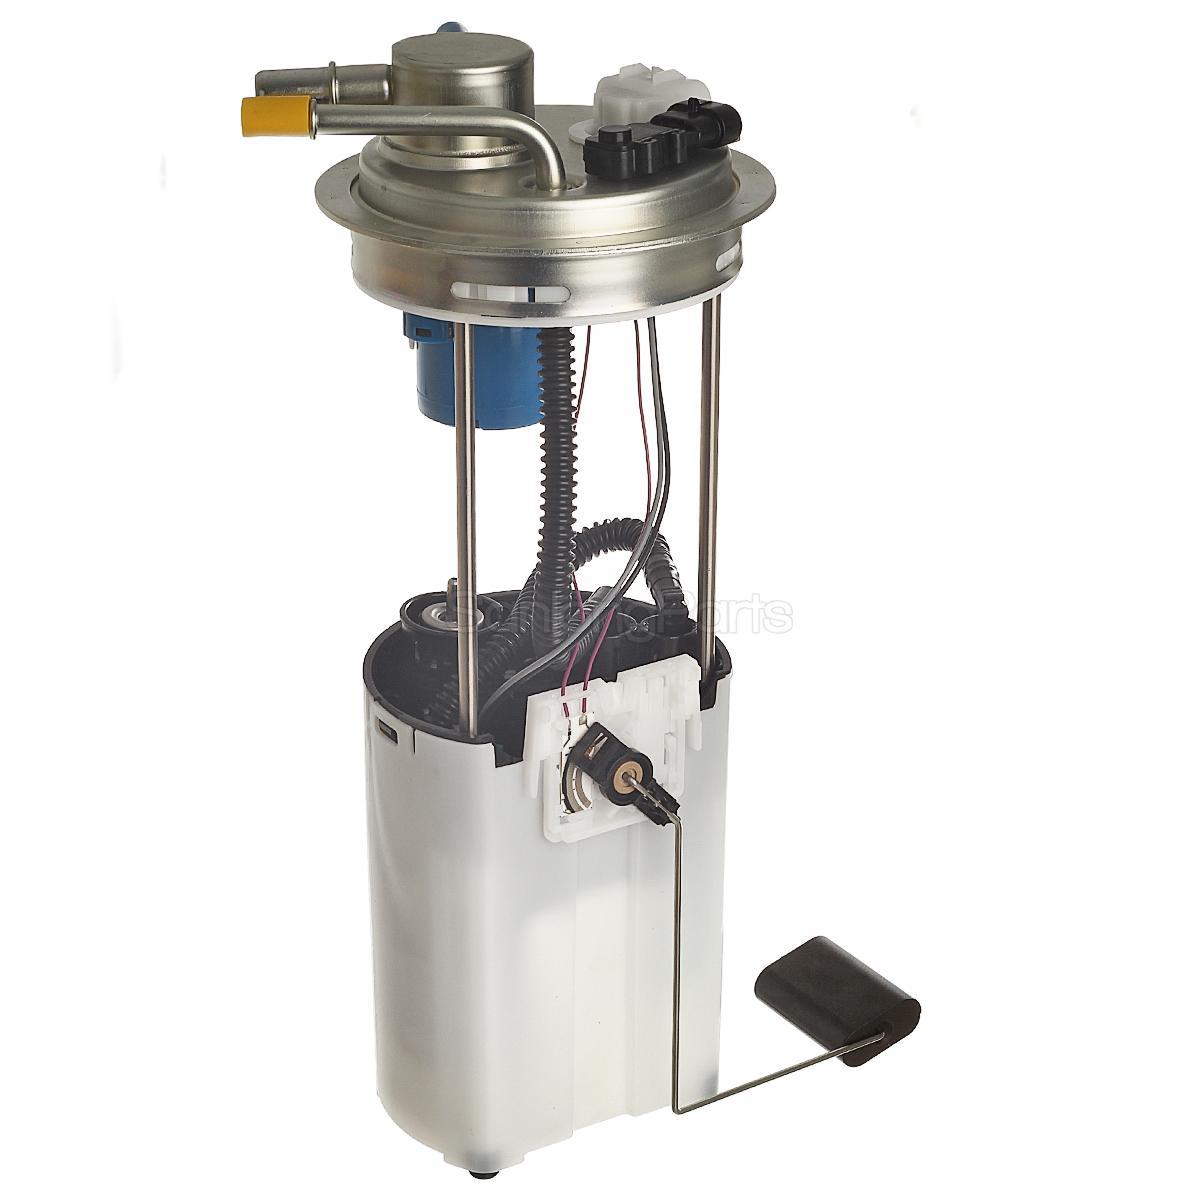 E3684m Fuel Pump Amp Sending Unit For 06 04 Chevy Silverado